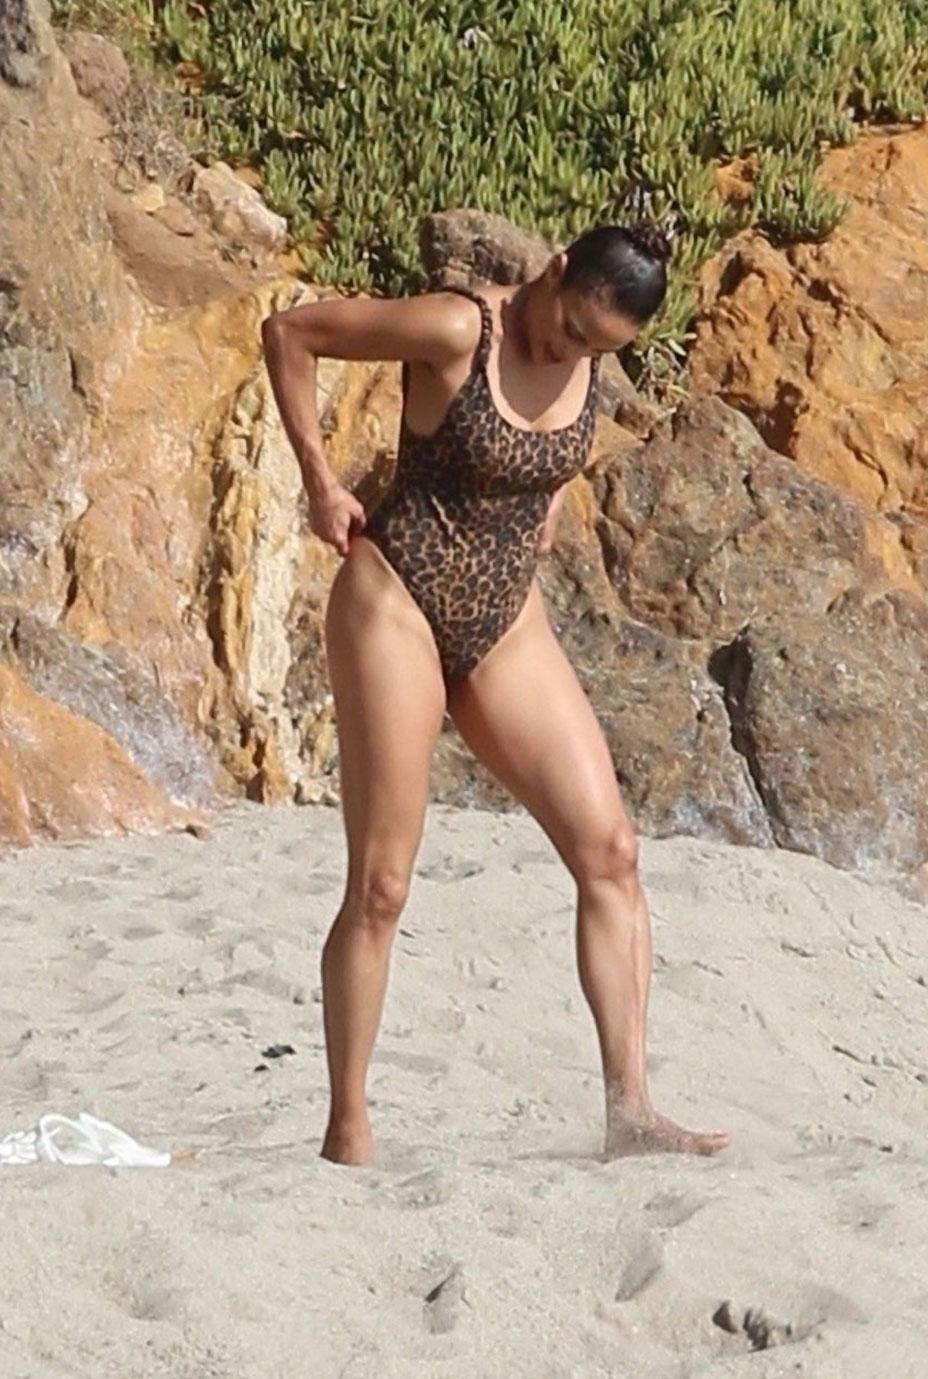 Paula Patton nude hot in bikini